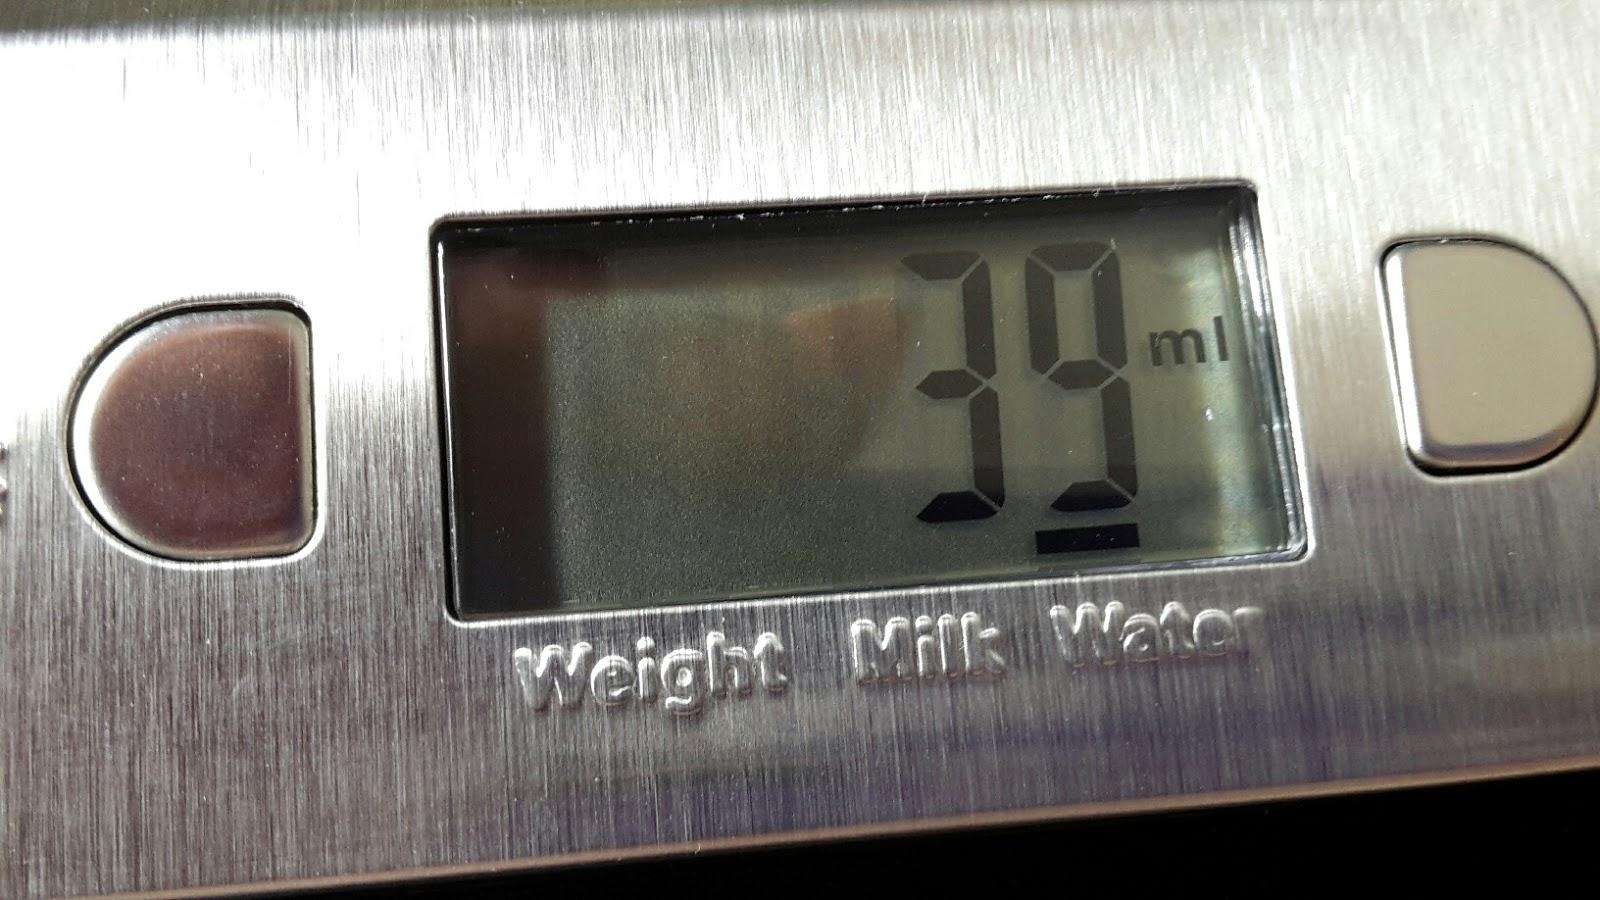 lahr2006 testet topop k chenwaage mit 11lb 5kg gewicht kapazit t edelstahl nahrungsmittelskala. Black Bedroom Furniture Sets. Home Design Ideas